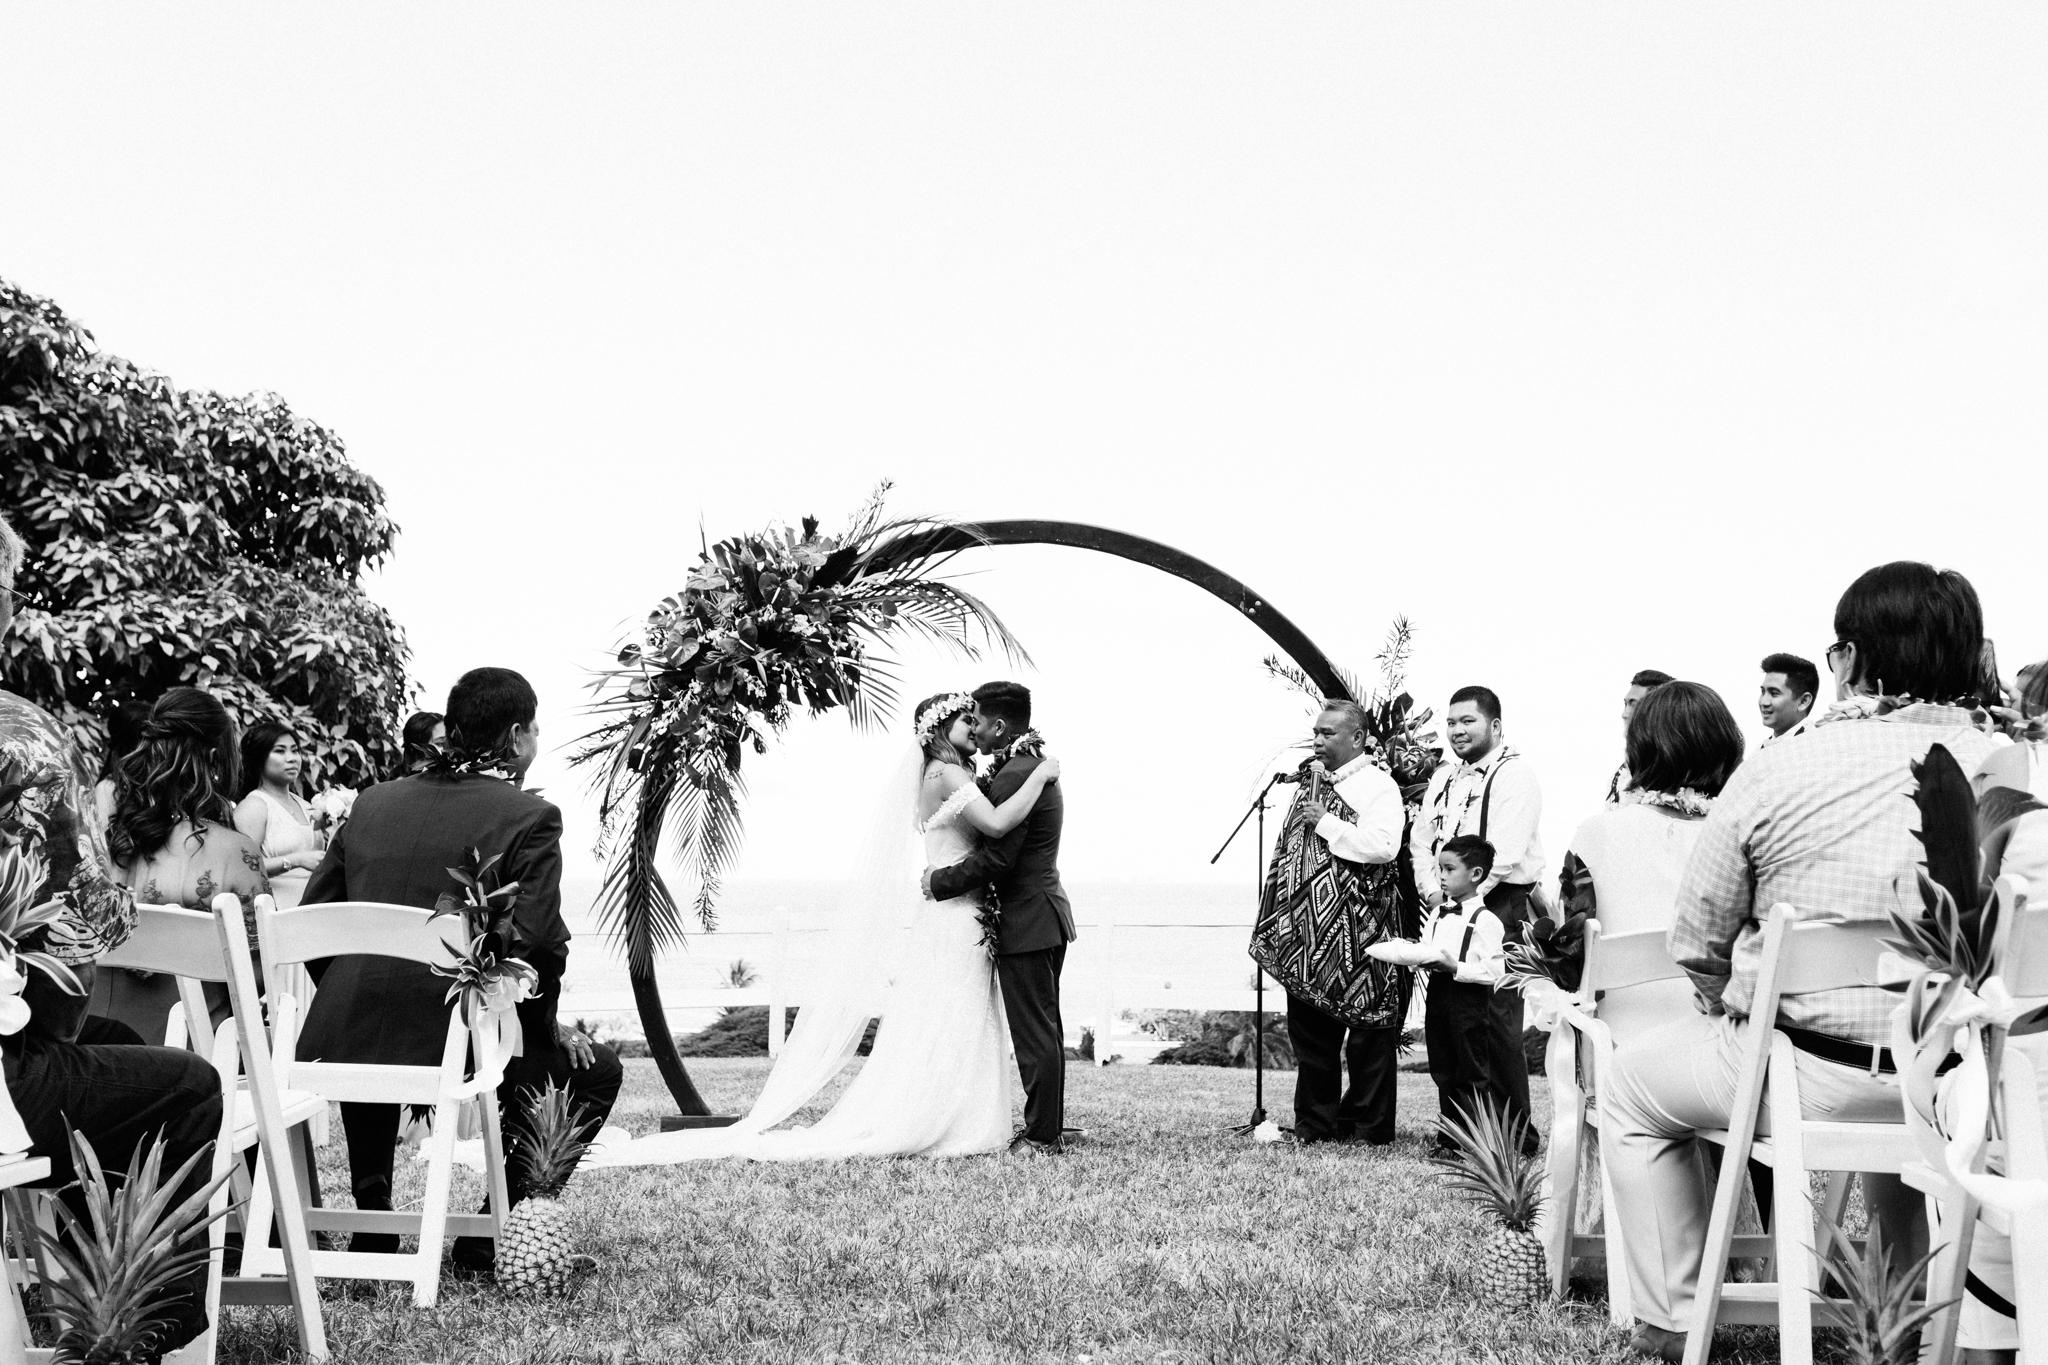 kualoa_ranch_wedding_photography_tone_hawaii-61.jpg